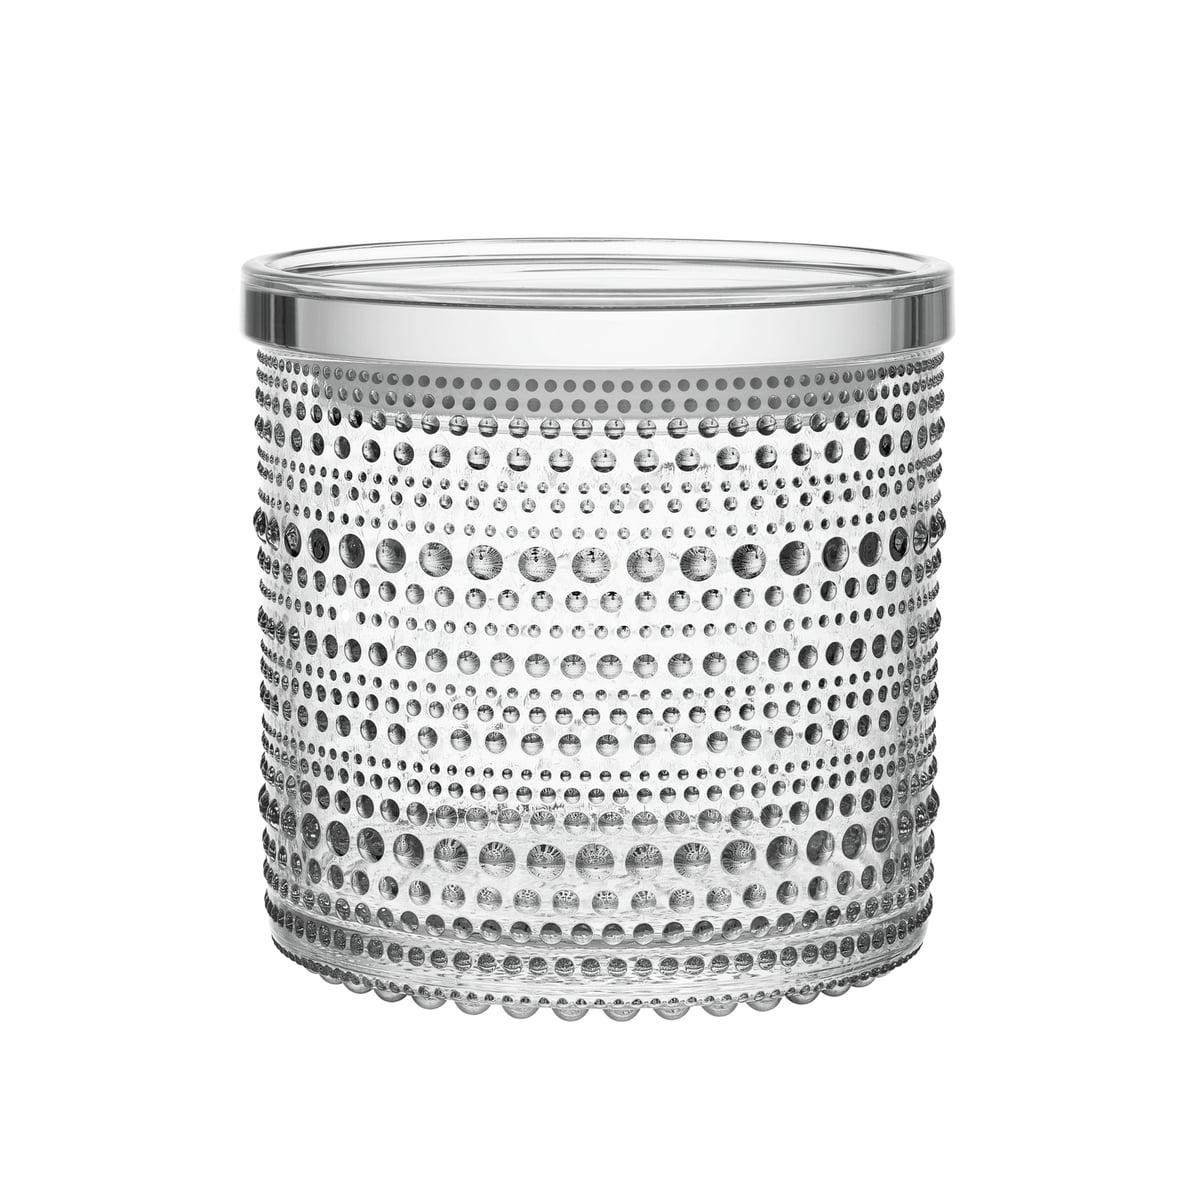 Iittala - Kastehelmi Vorratsglas 116 x 114 mm, klar   Küche und Esszimmer > Aufbewahrung > Vorratsdosen   Transparent -  durchsichtig   Iittala